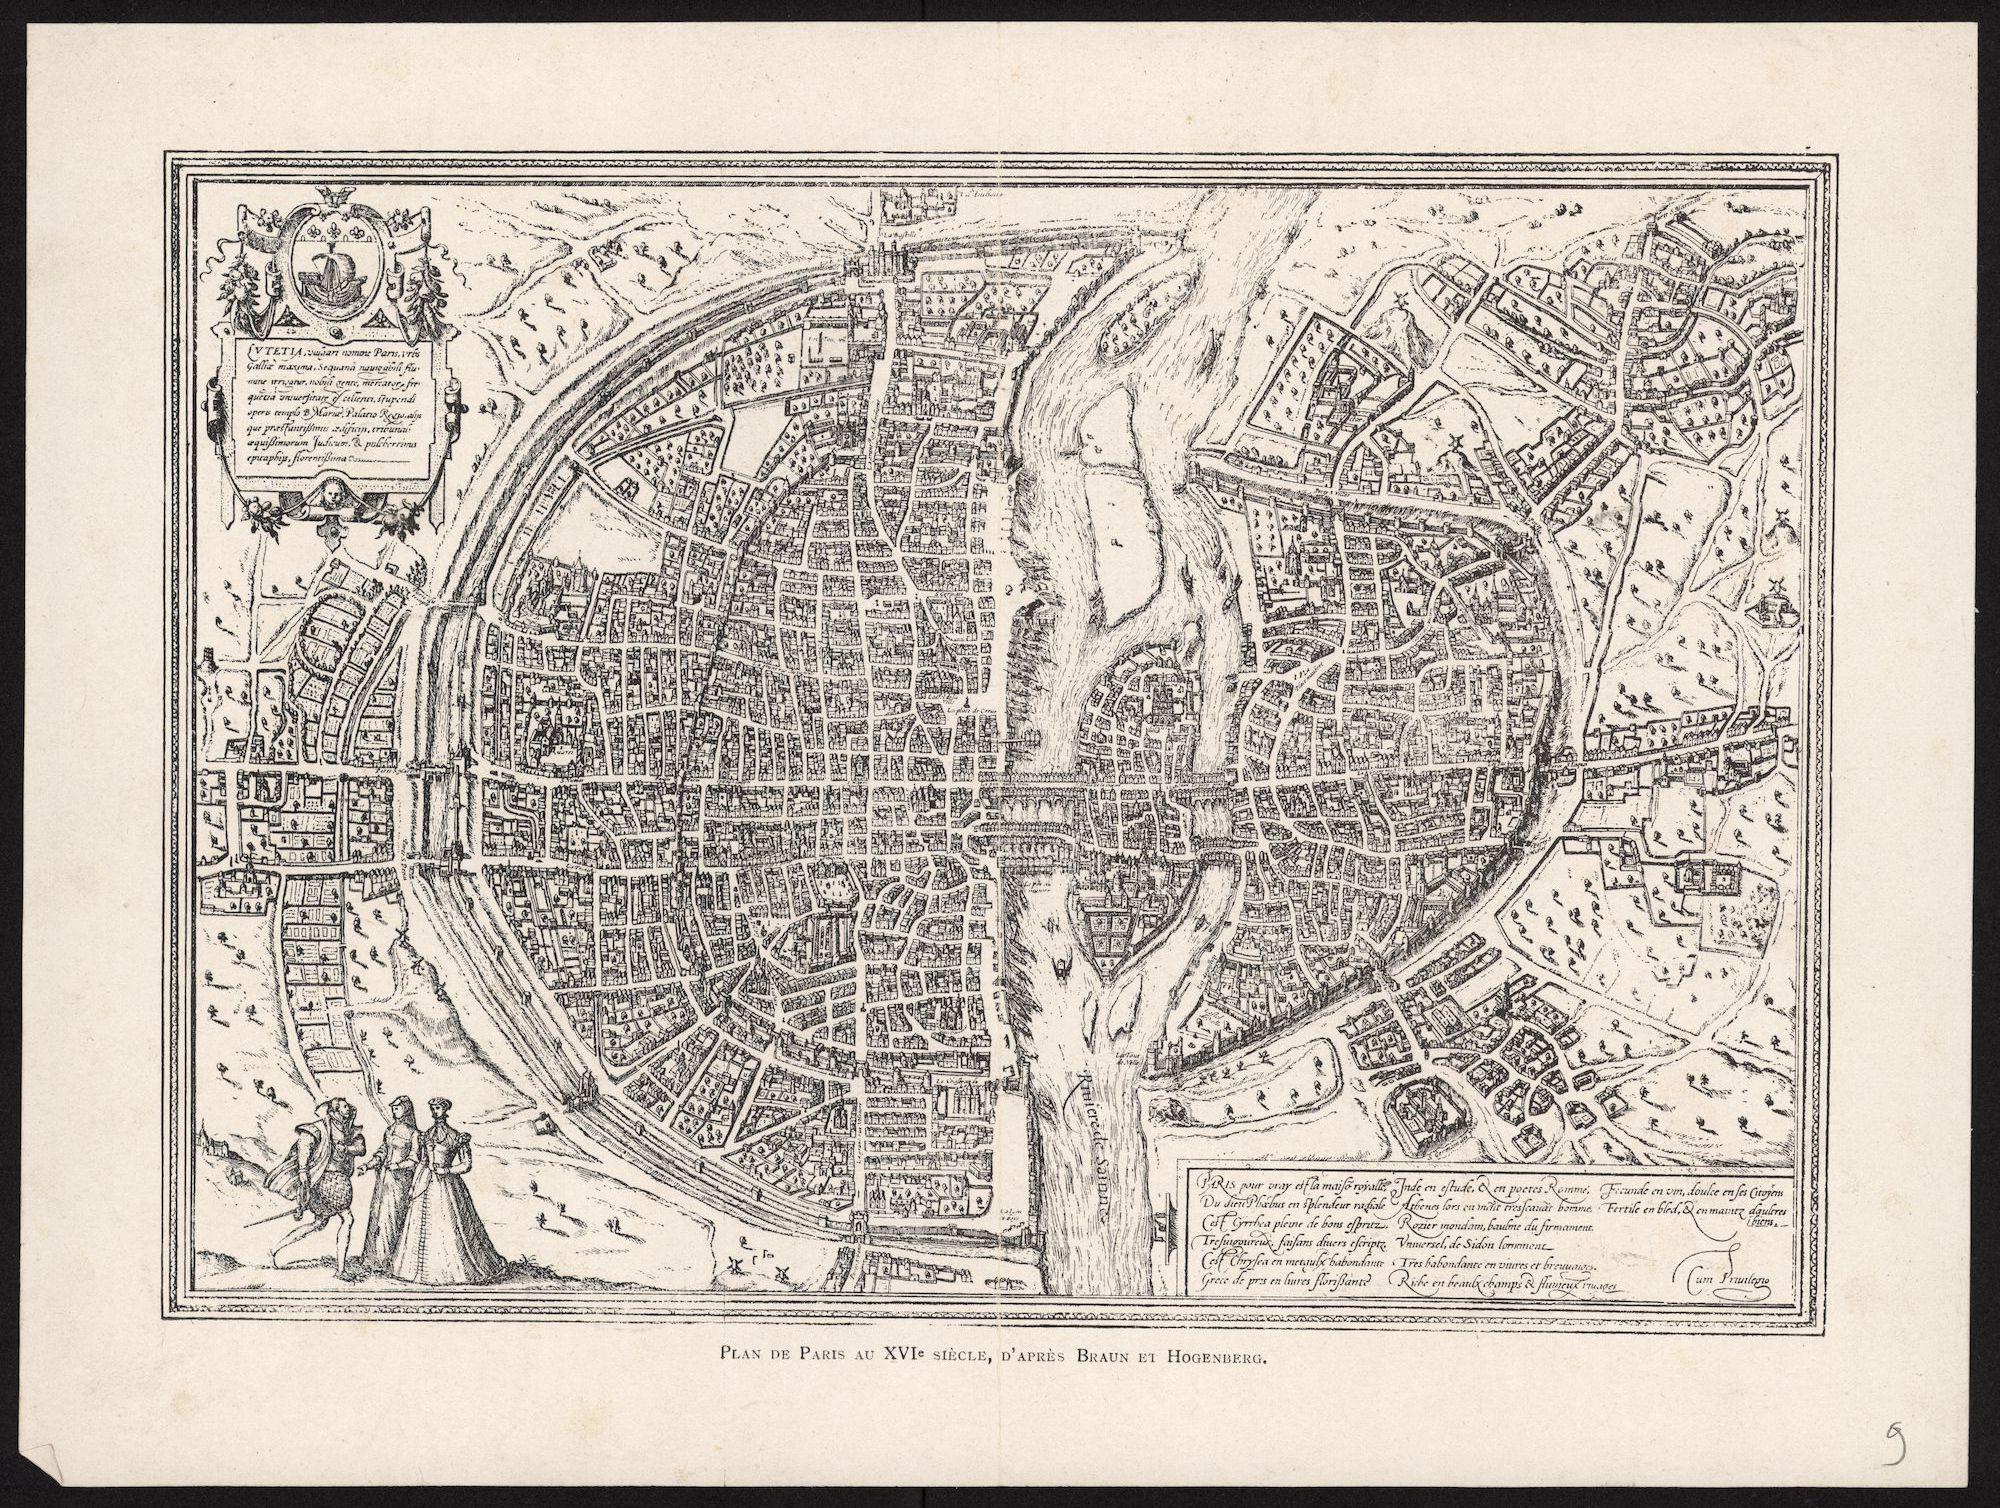 Gent: plan door Georg Braun en Franz Hogenberg, 16de eeuw